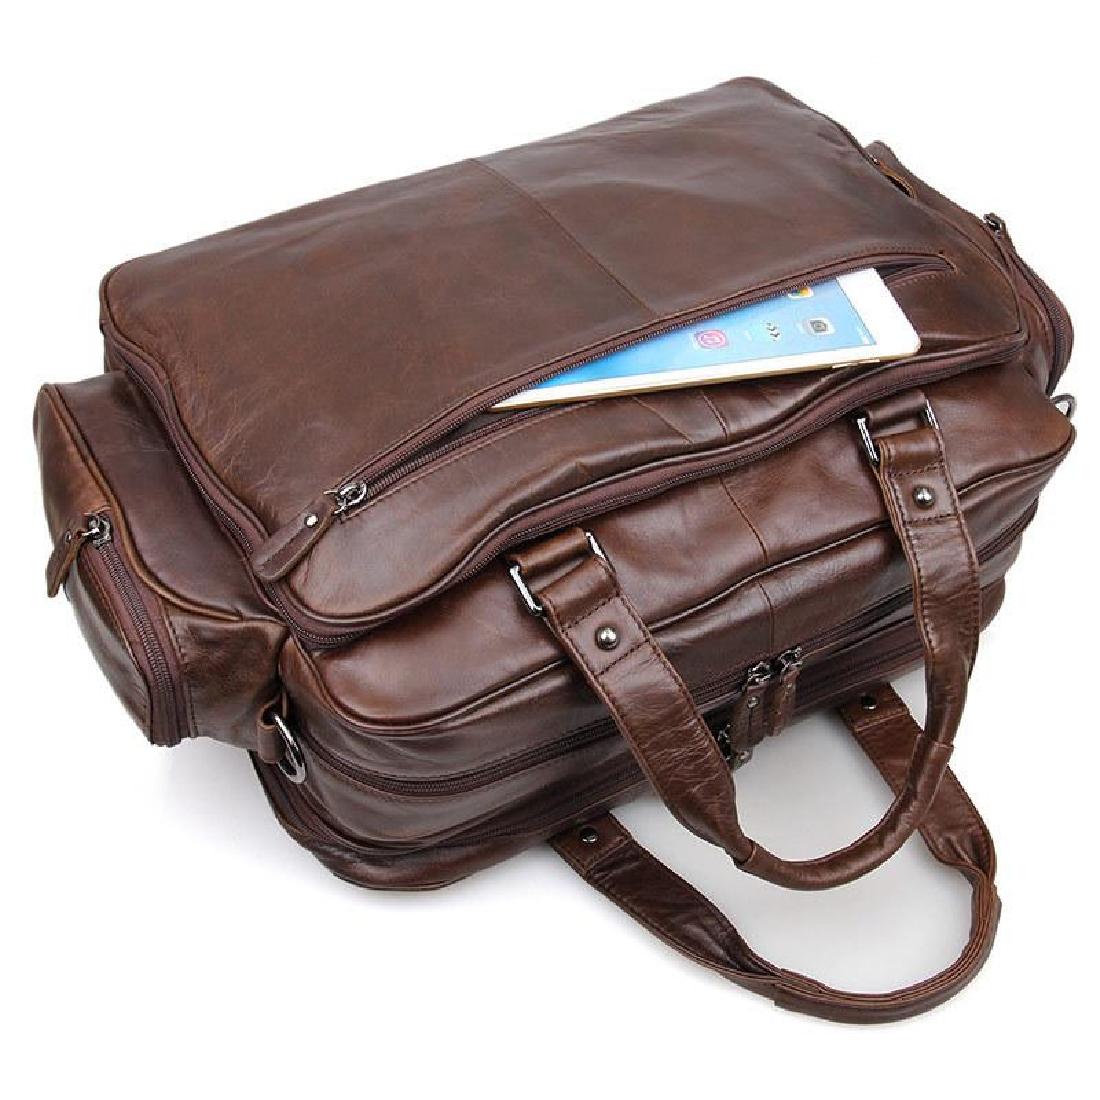 77e30ebe09b2 Bag Leather Real Briefcase Messenger Laptop Vintage Satchel 16 Men Shoulder  S Brown New Business Handmade Genuine Large Men business bags